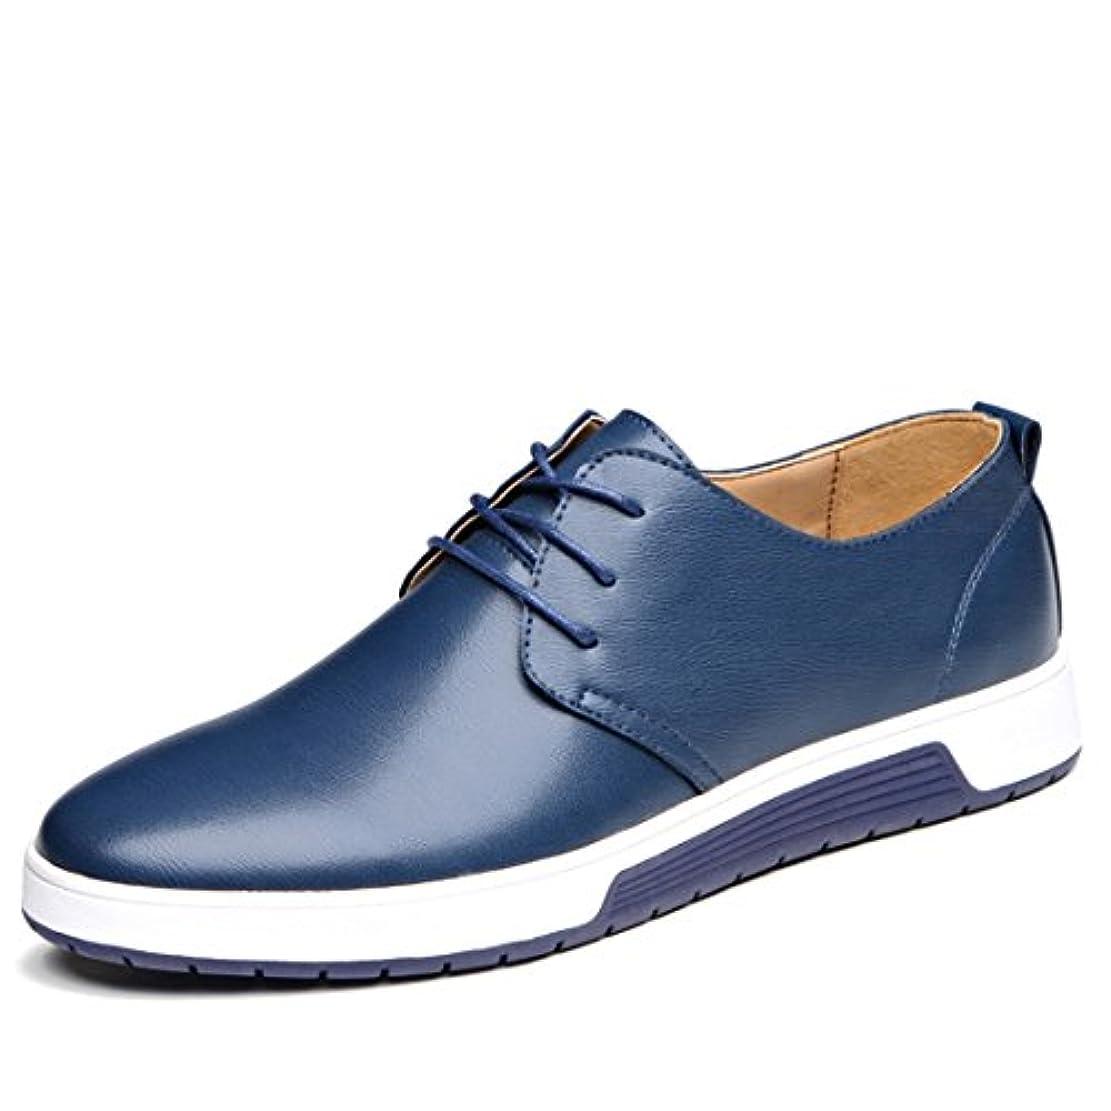 表示運命的ないとこONE MAX カジュアルシューズ メンズ ビジネス アウトステッチシューズ 大きいサイズ 紳士靴 革靴 レースアップ ウォーキング